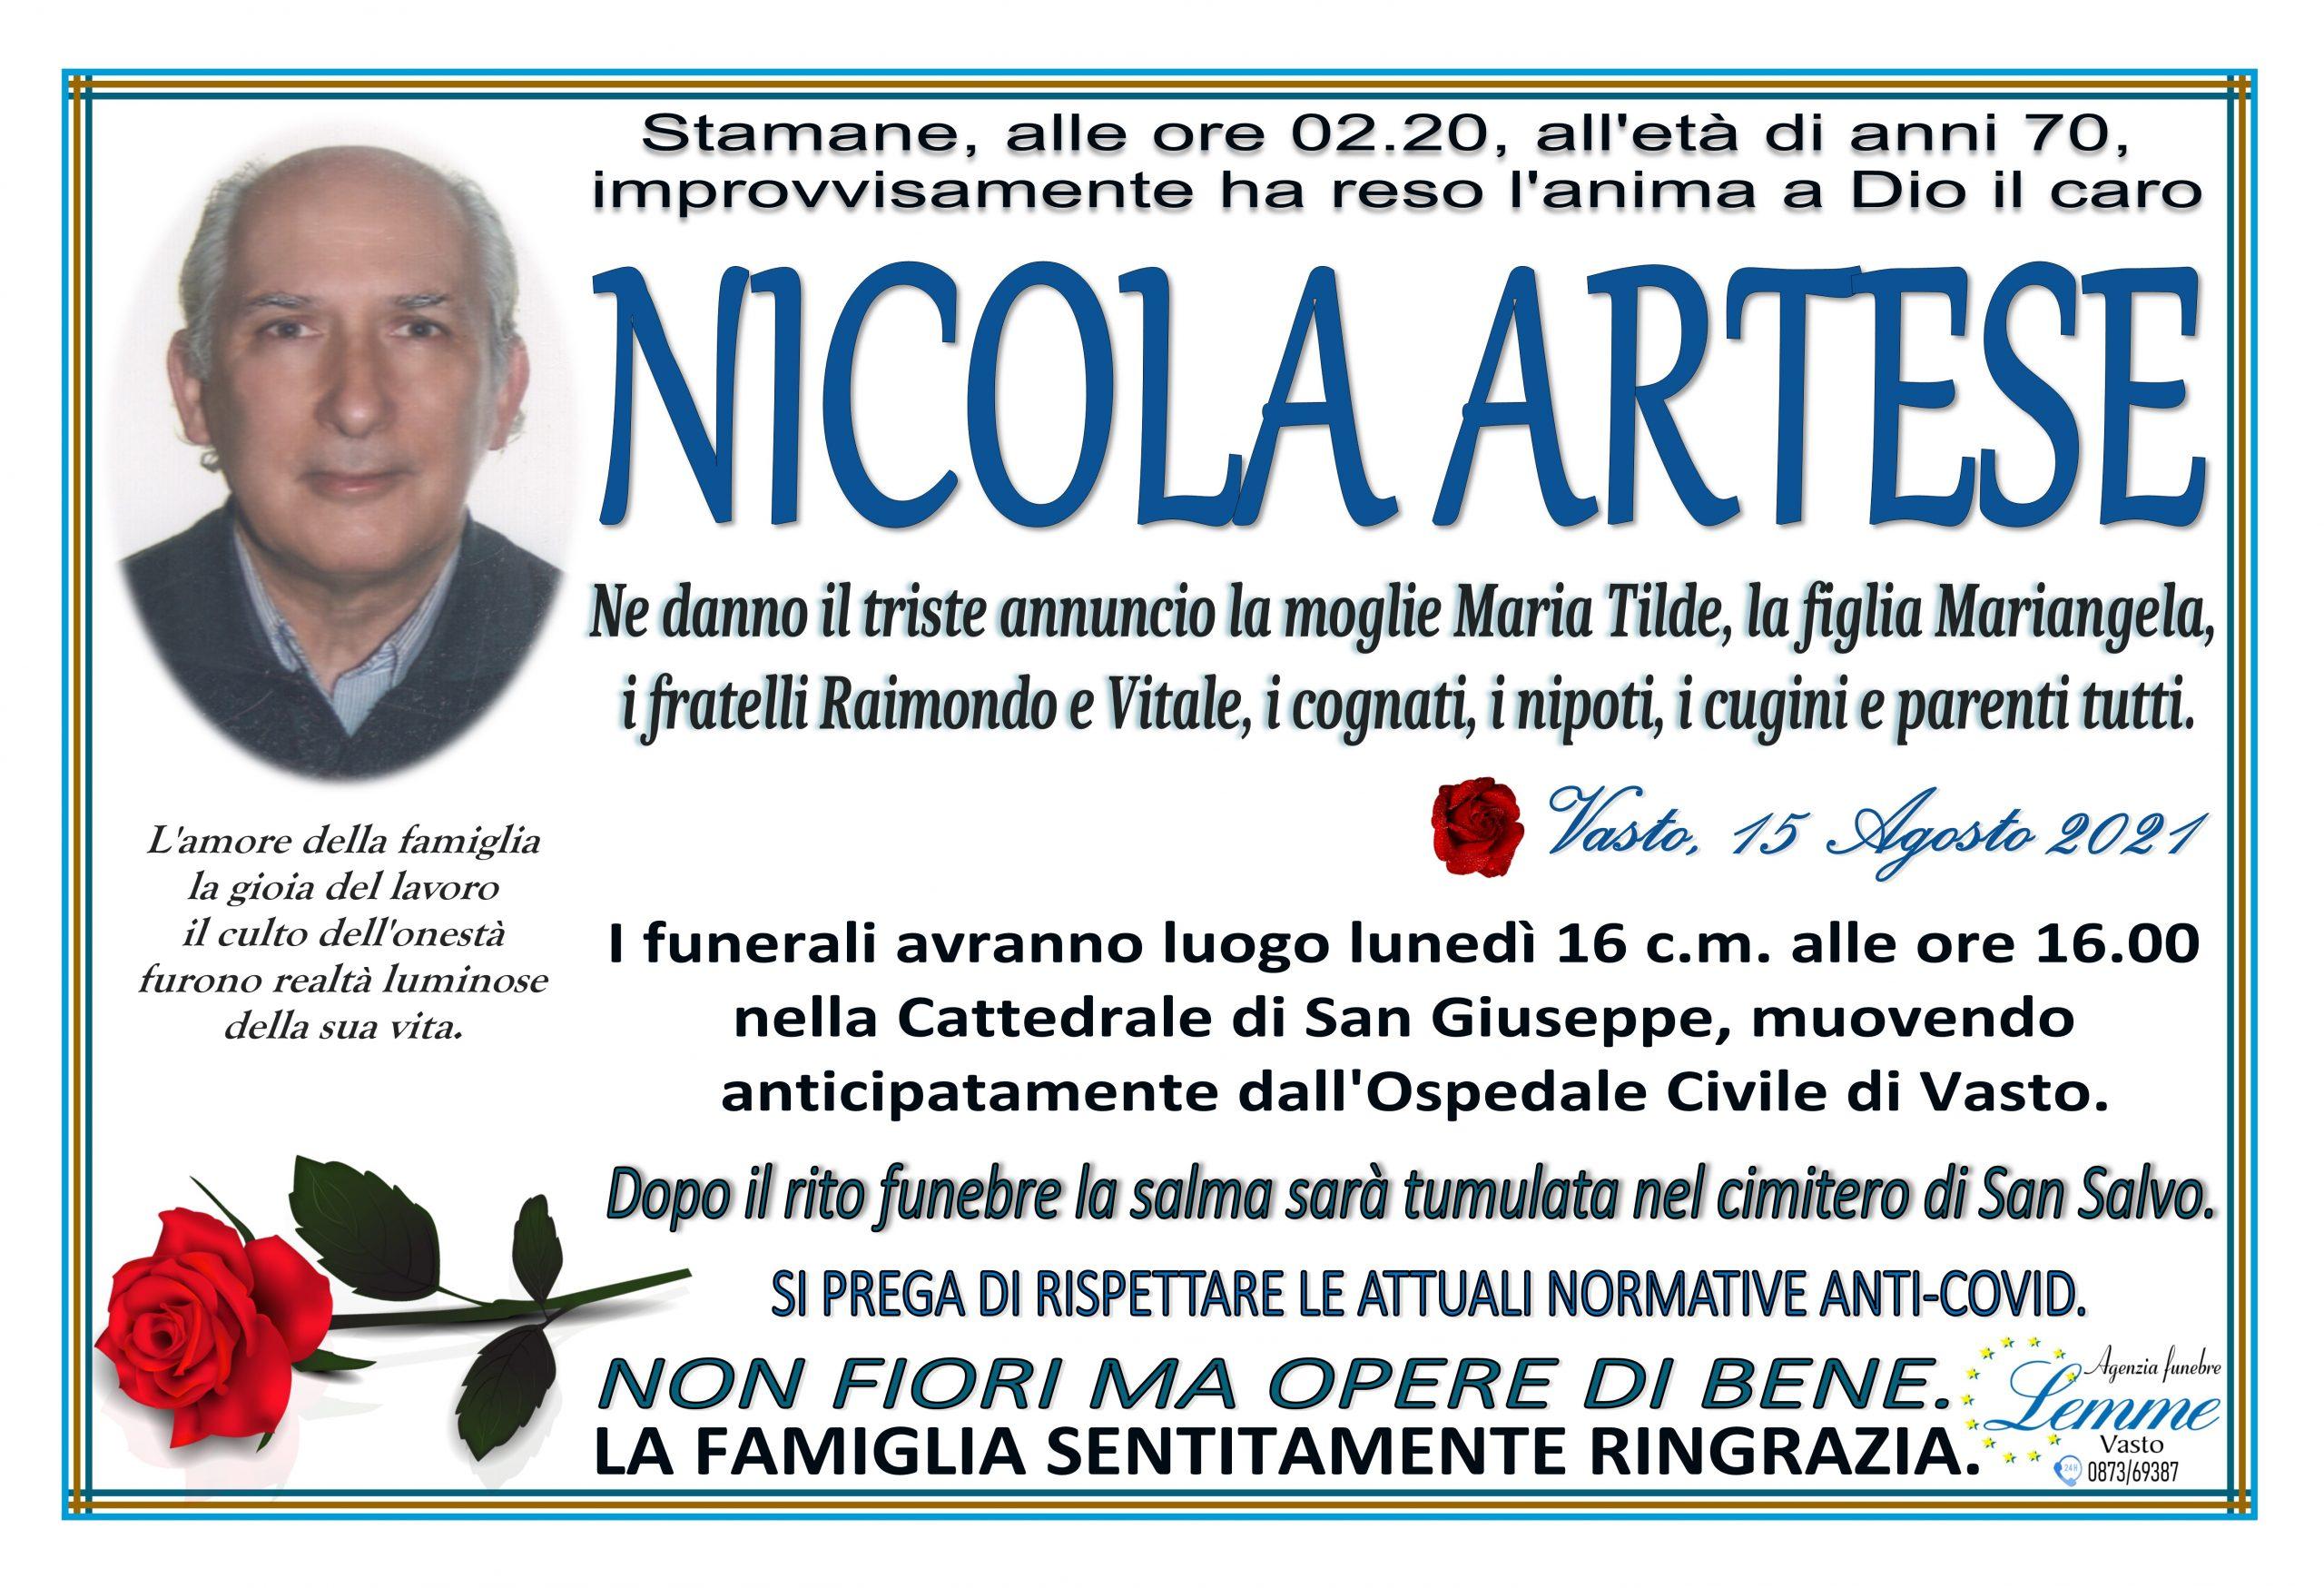 NICOLA ARTESE